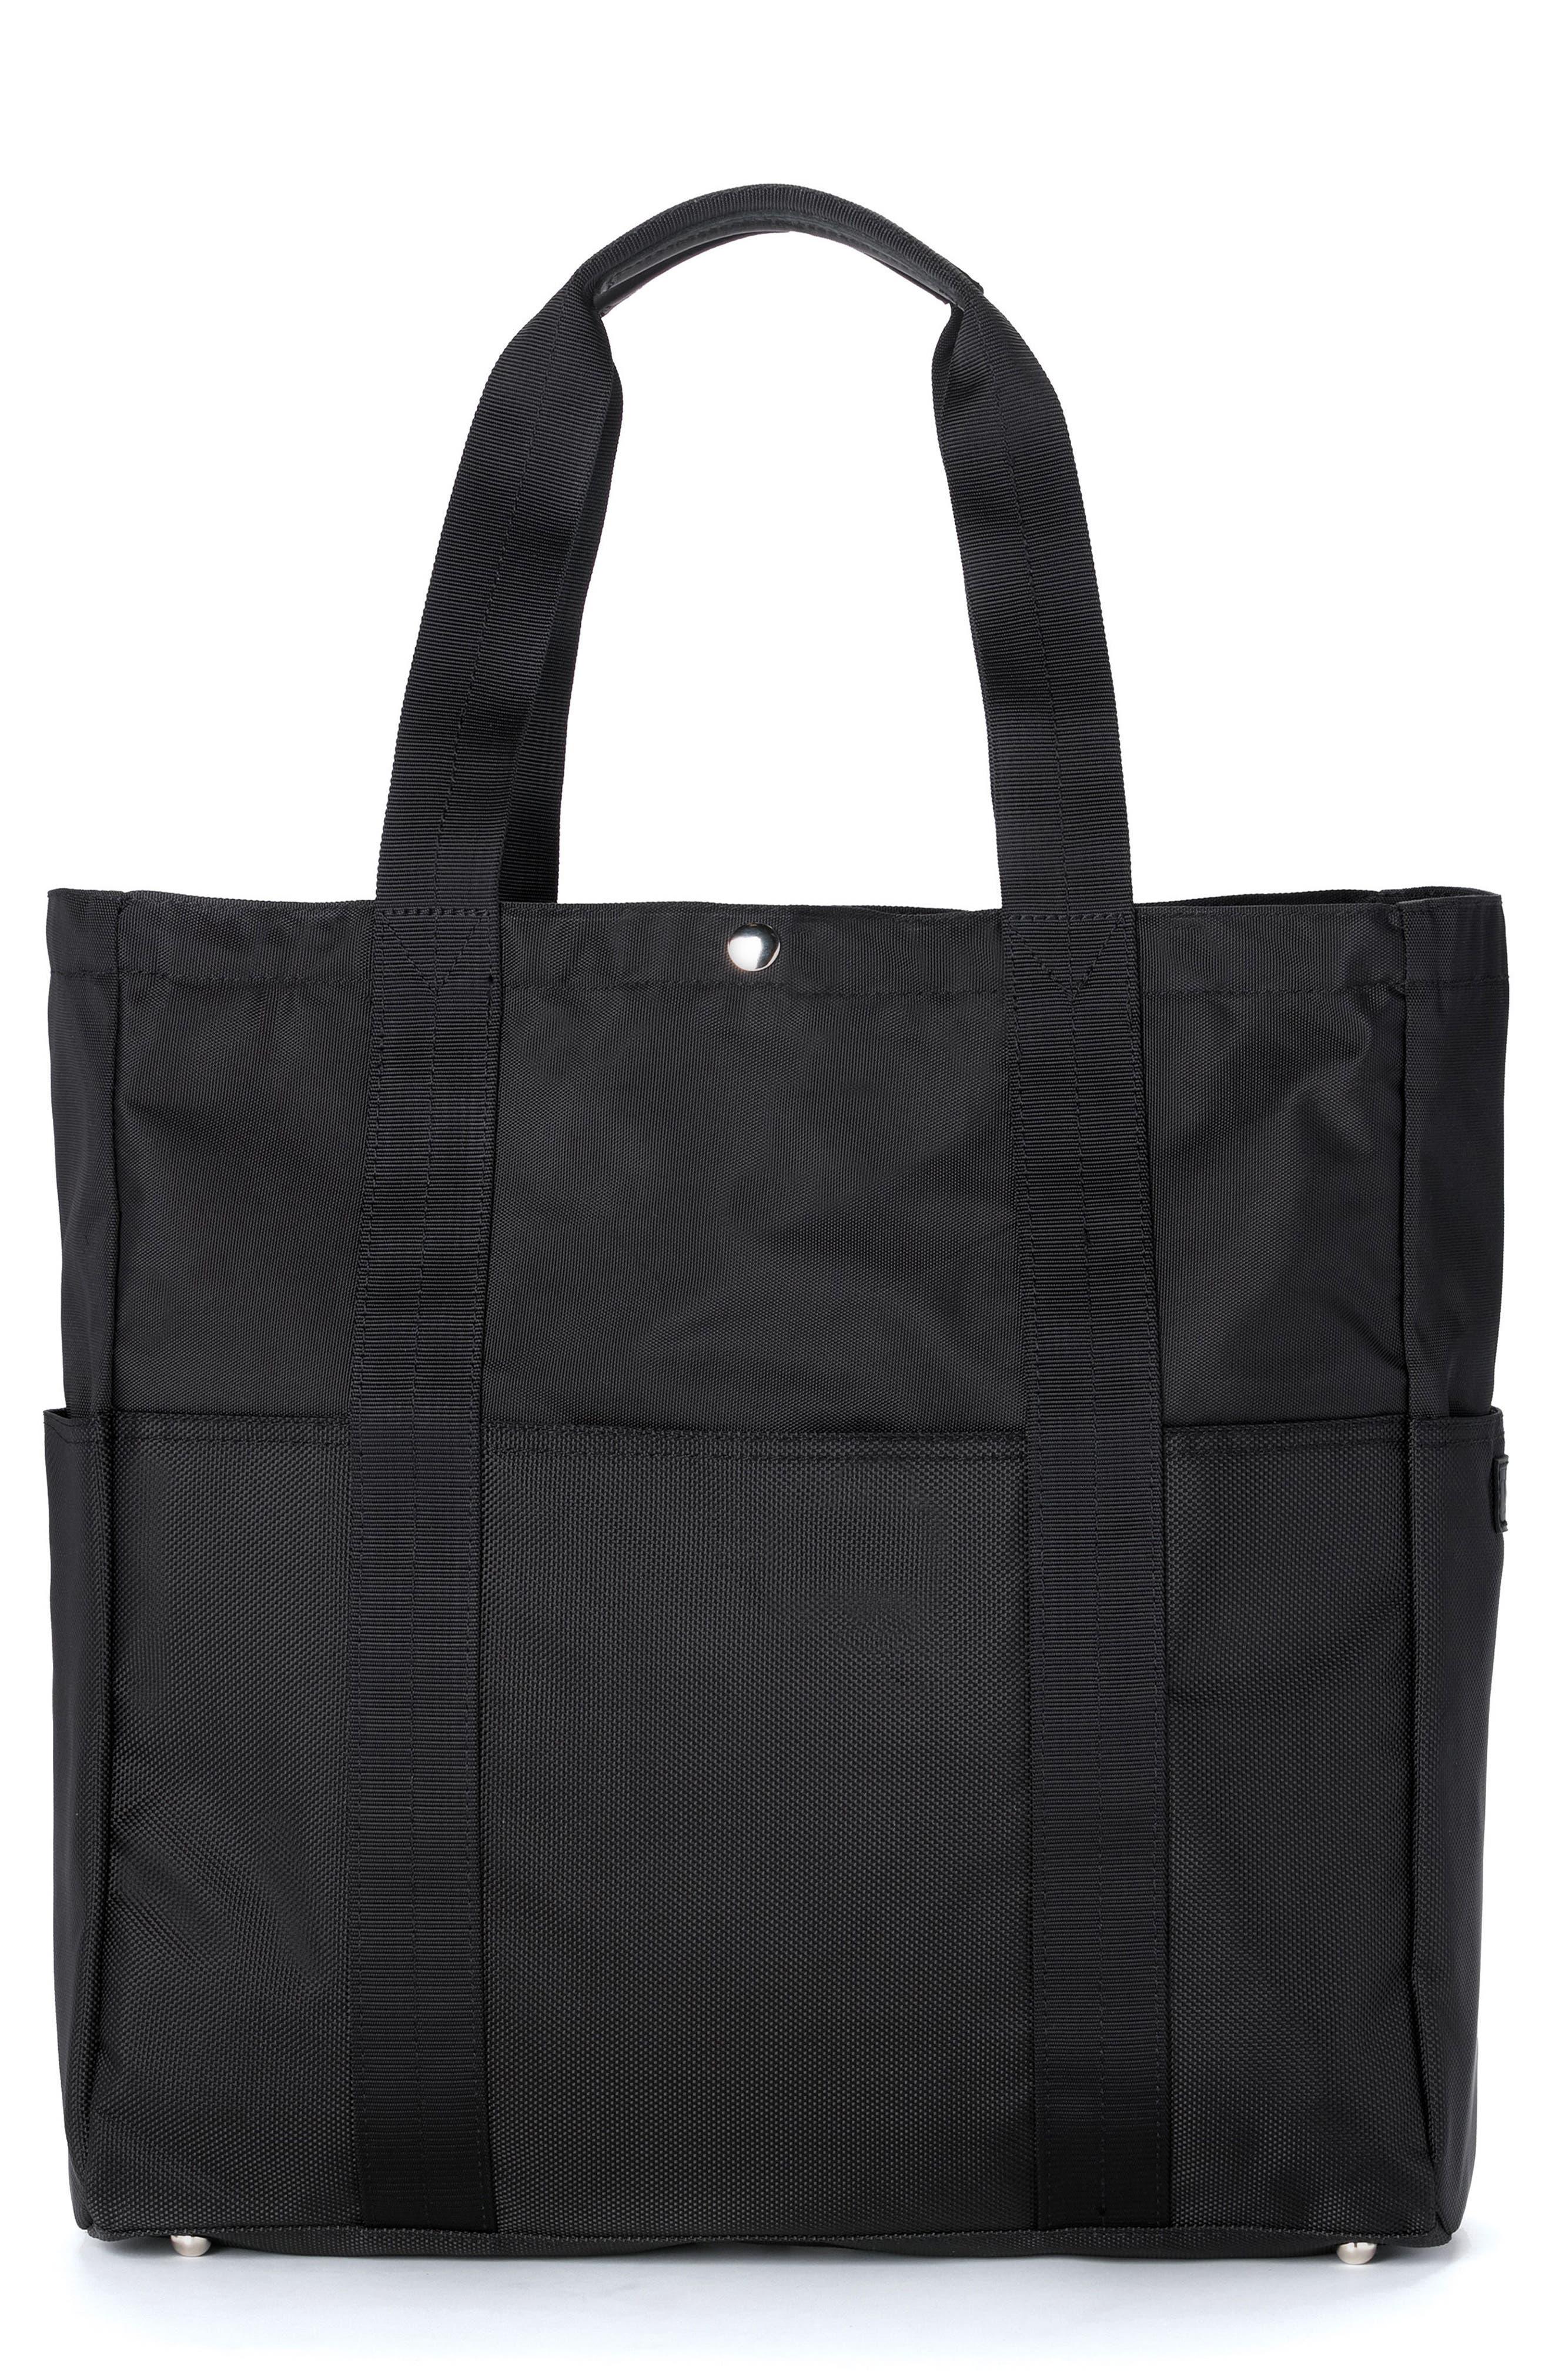 TAIKAN Sherpa Tote Bag